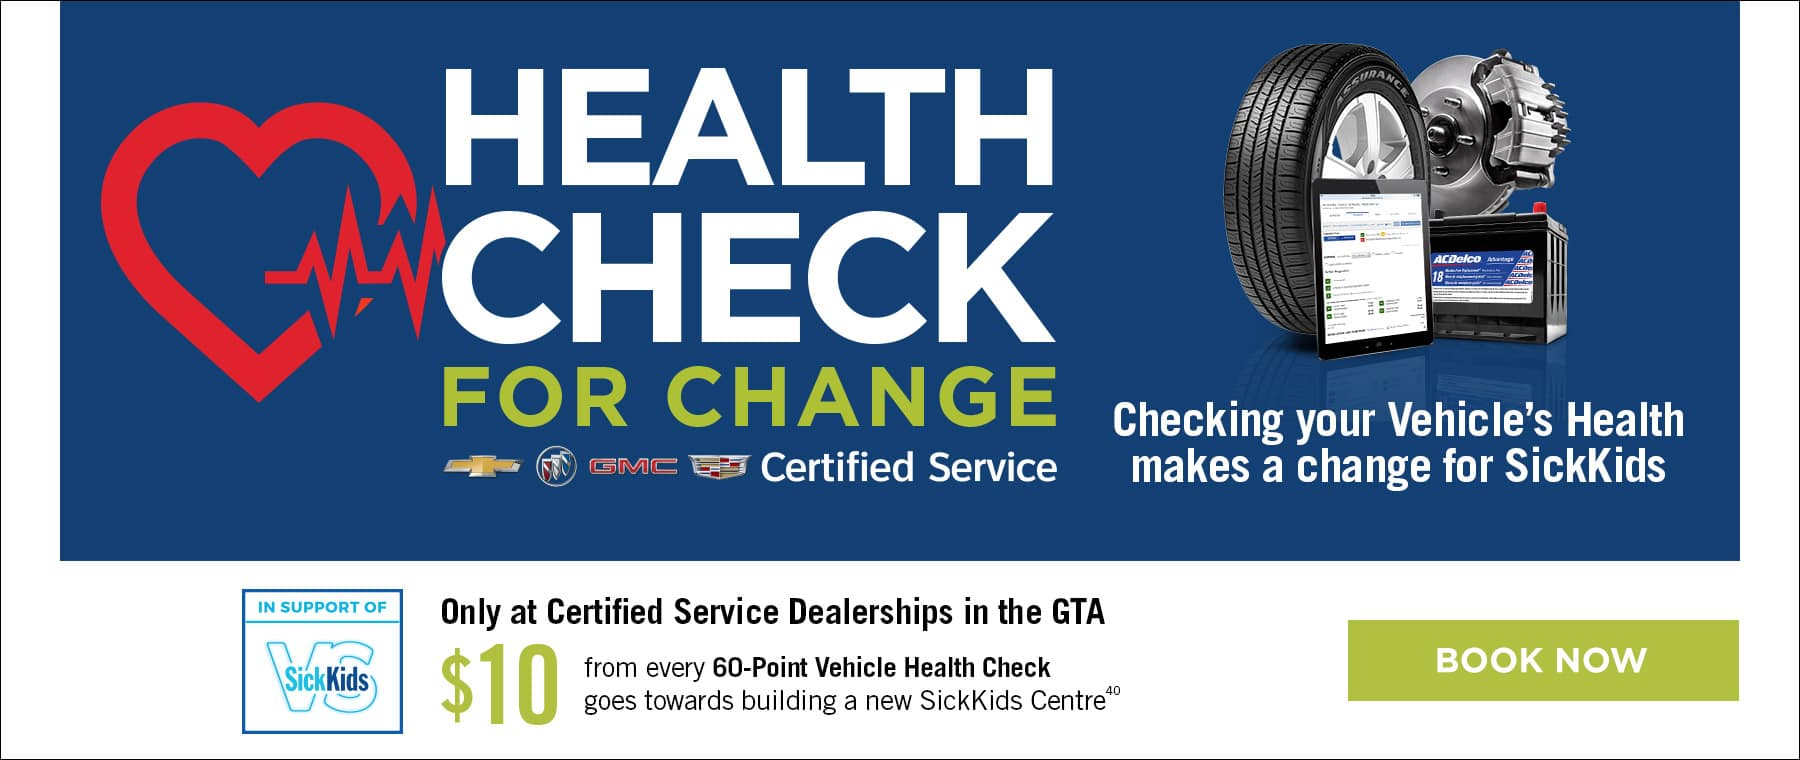 2020_OCT_DMA_SickKids_HealthCheck_T3_1800x760_v1